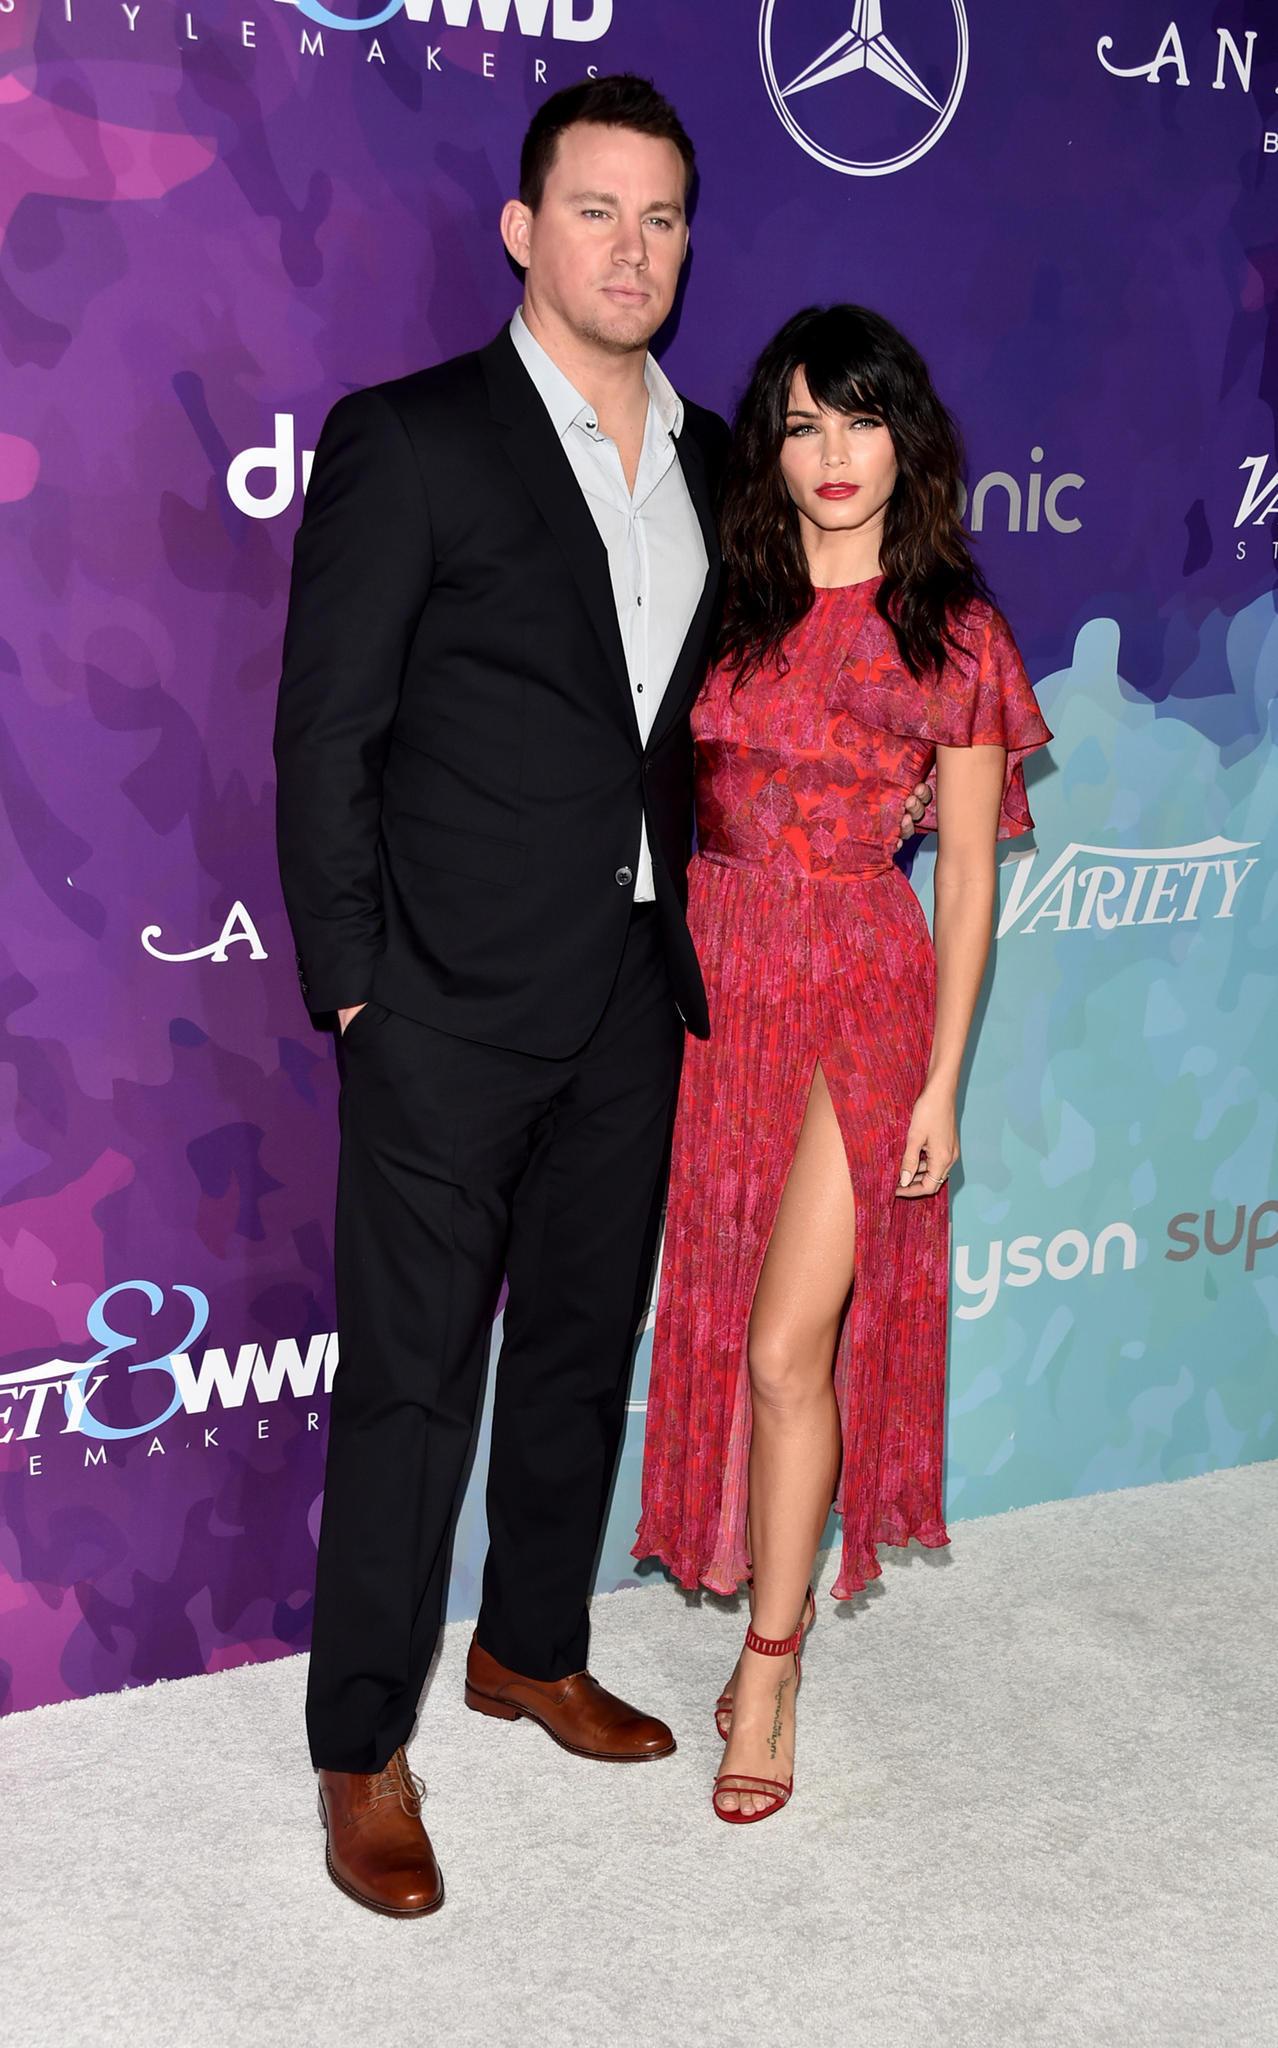 Channing Tatum + Jenna Dewan